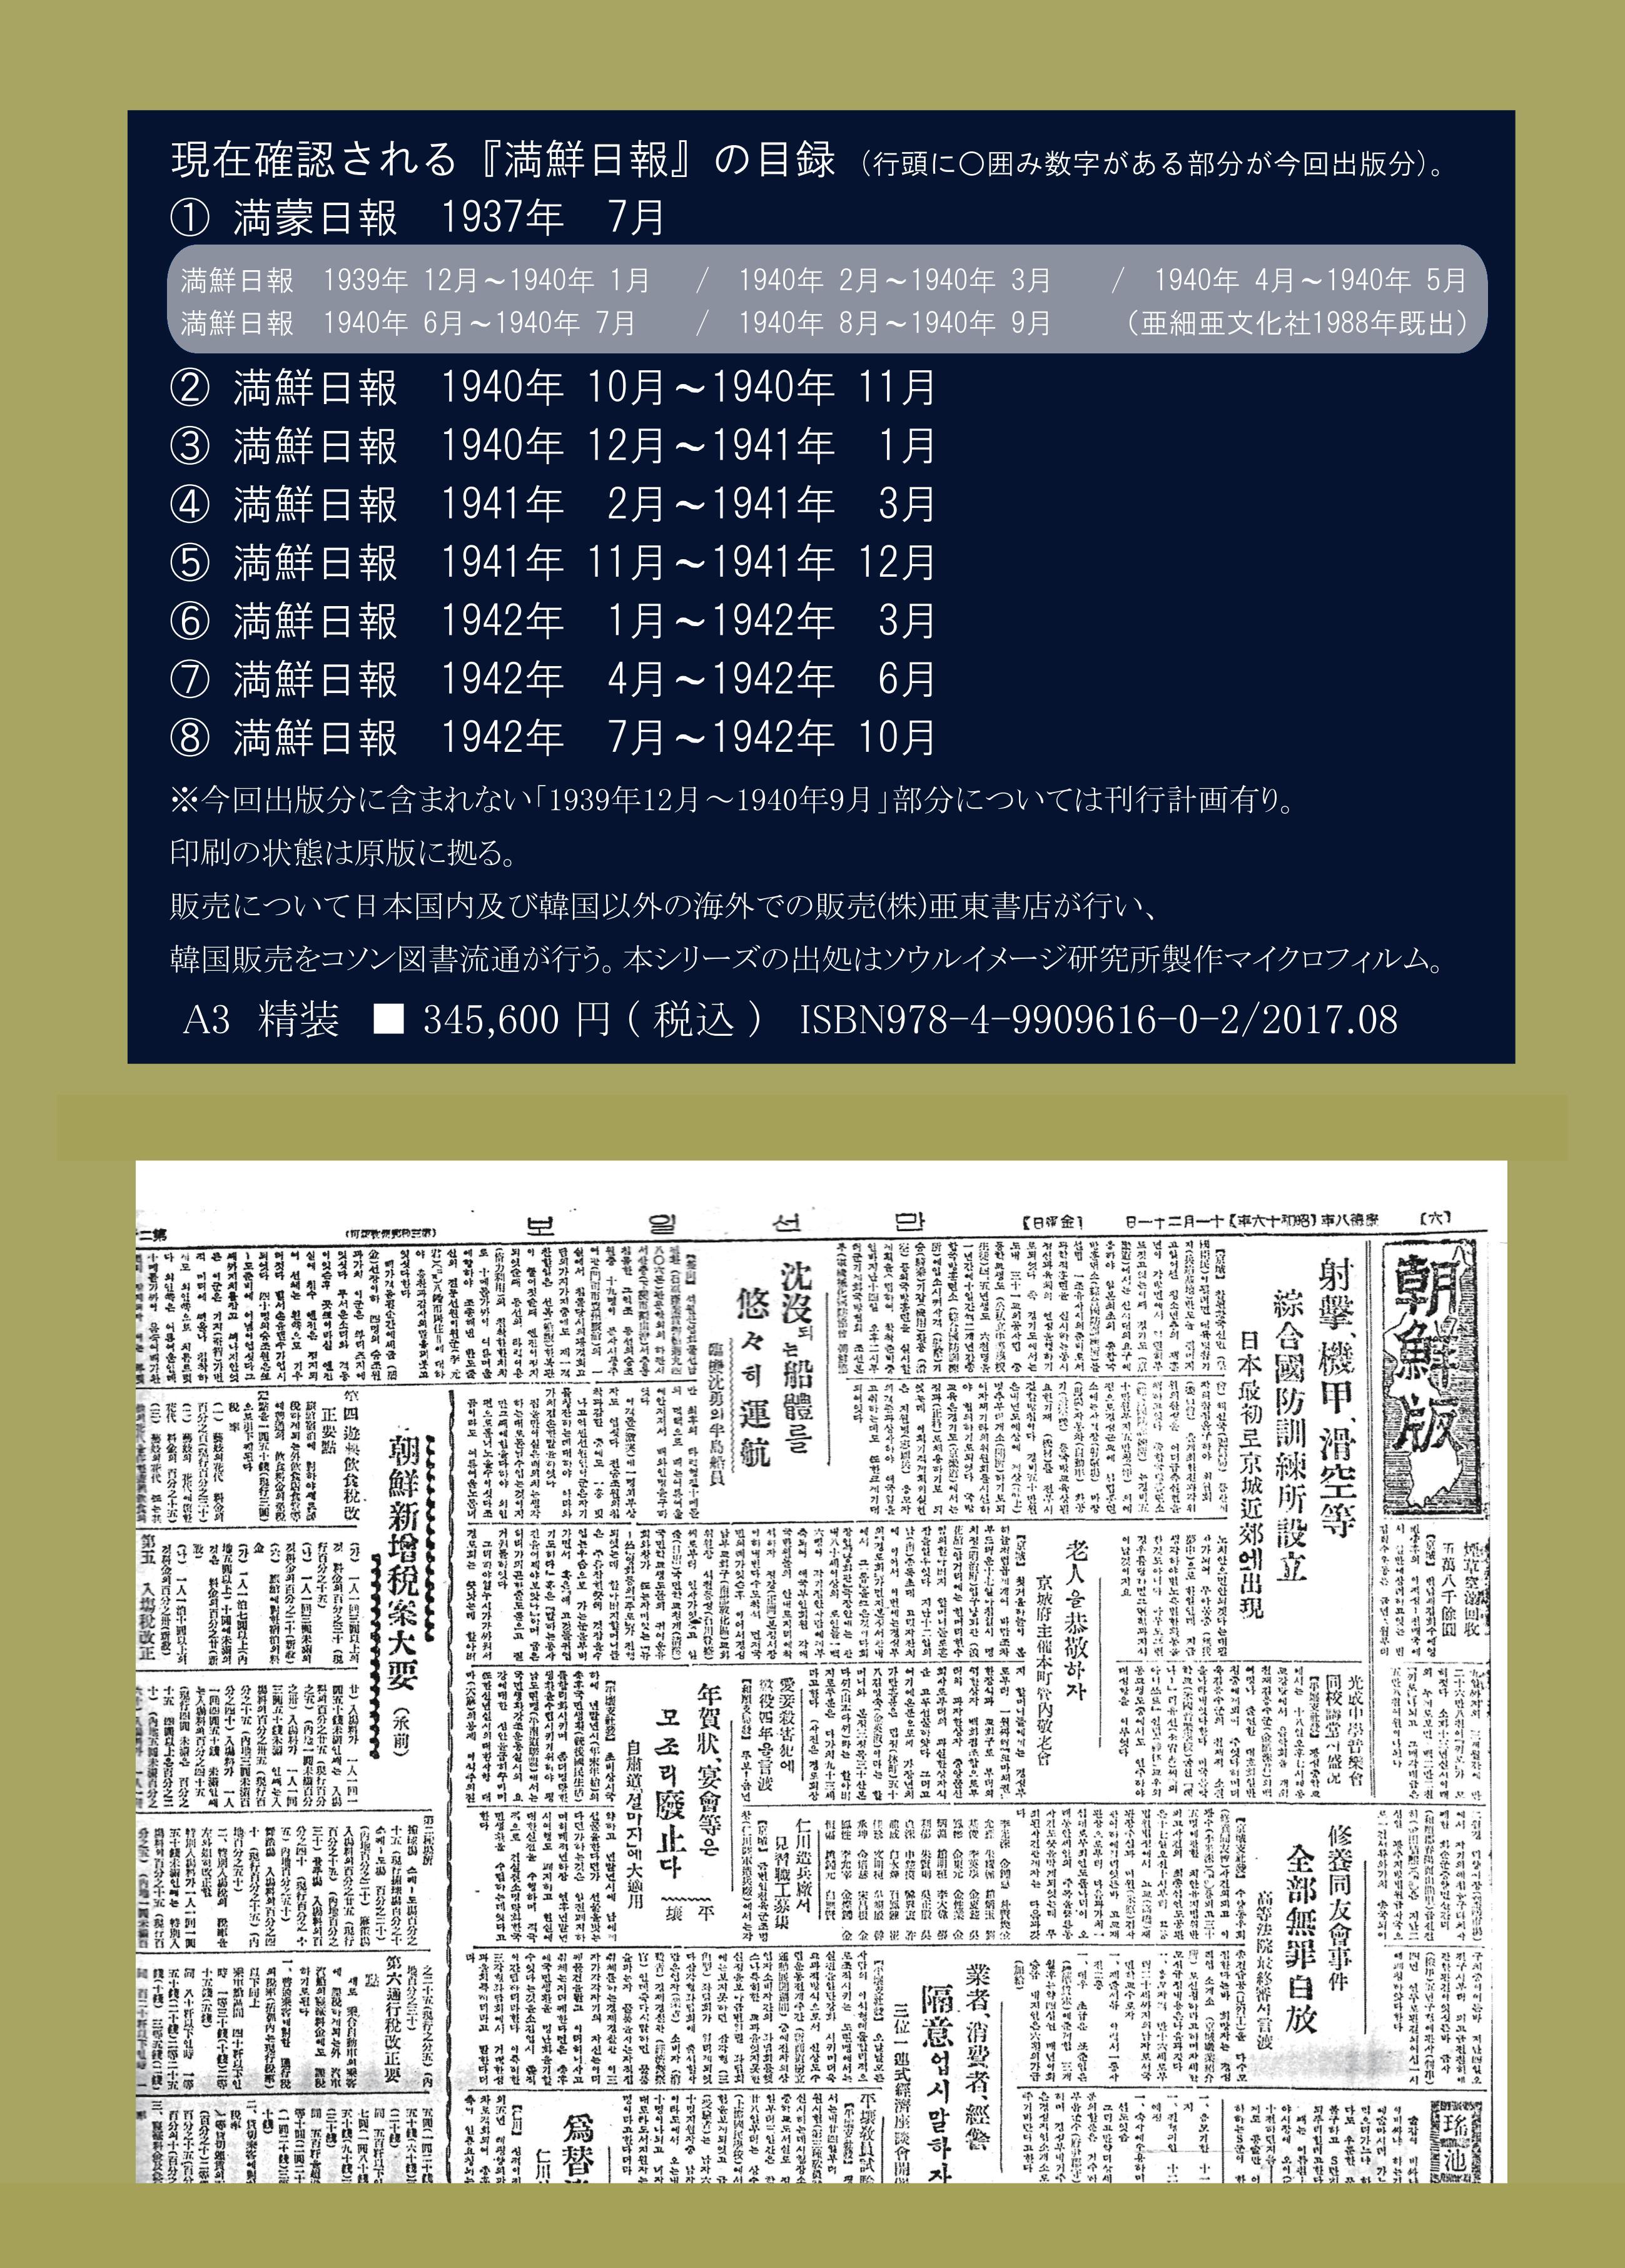 https://www.ato-shoten.co.jp/public/images/bb/af/05/161fe02f3cfe4d0acaab49c5732adc02.jpg?1510541933#h